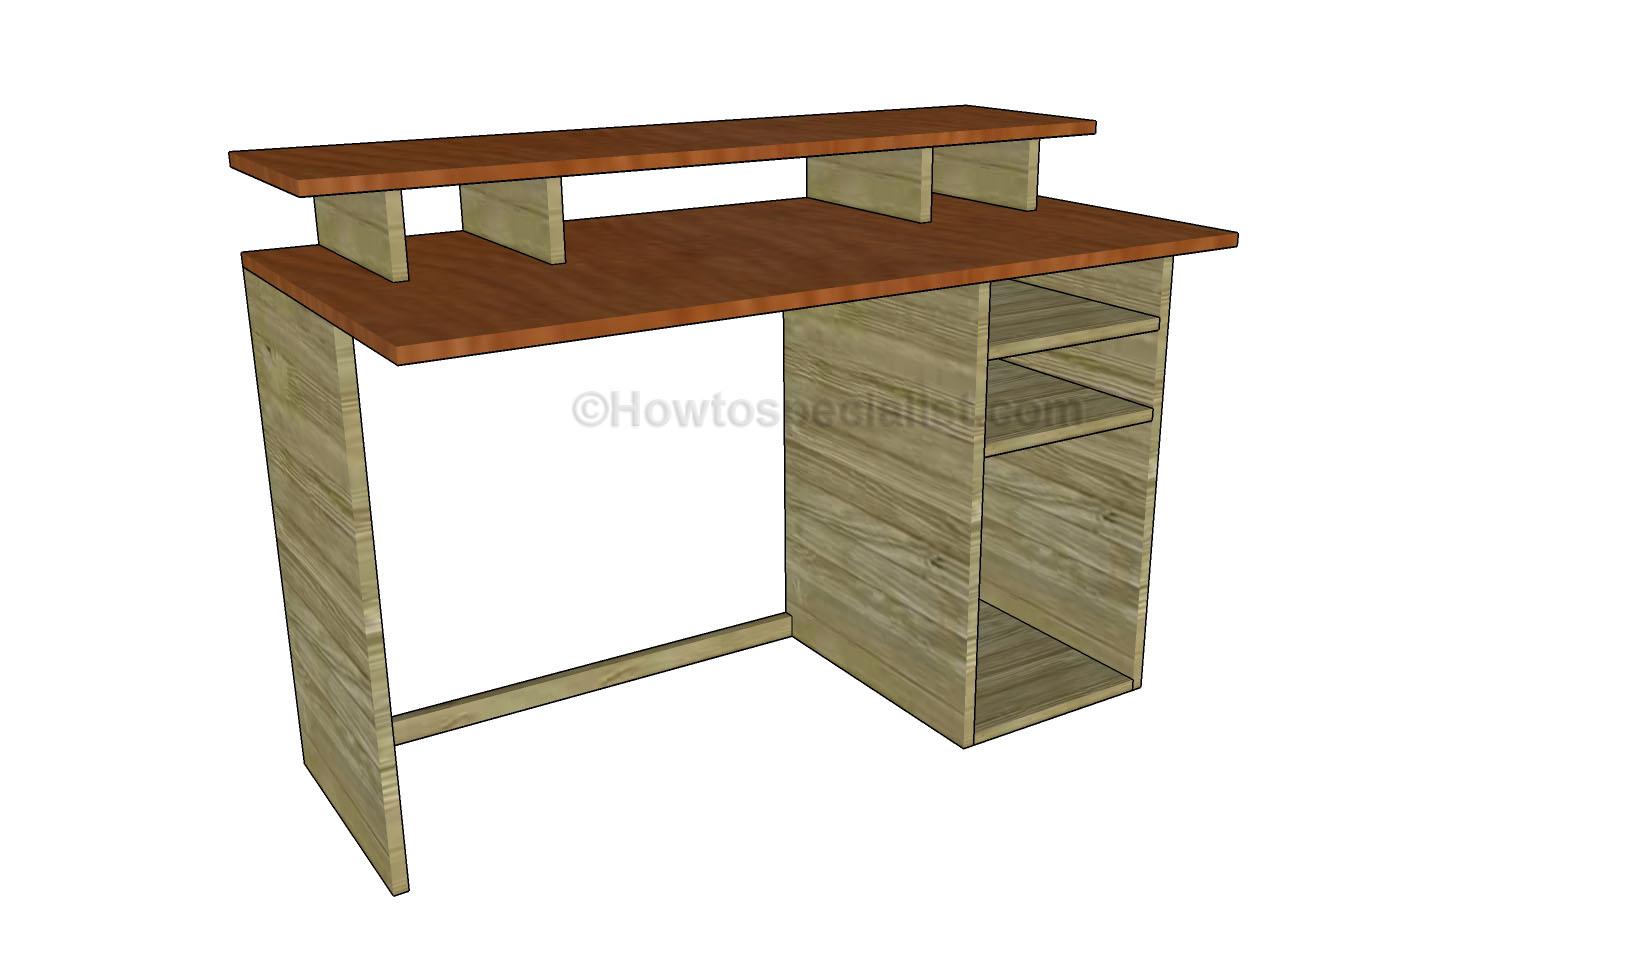 Free Computer Desk Plans